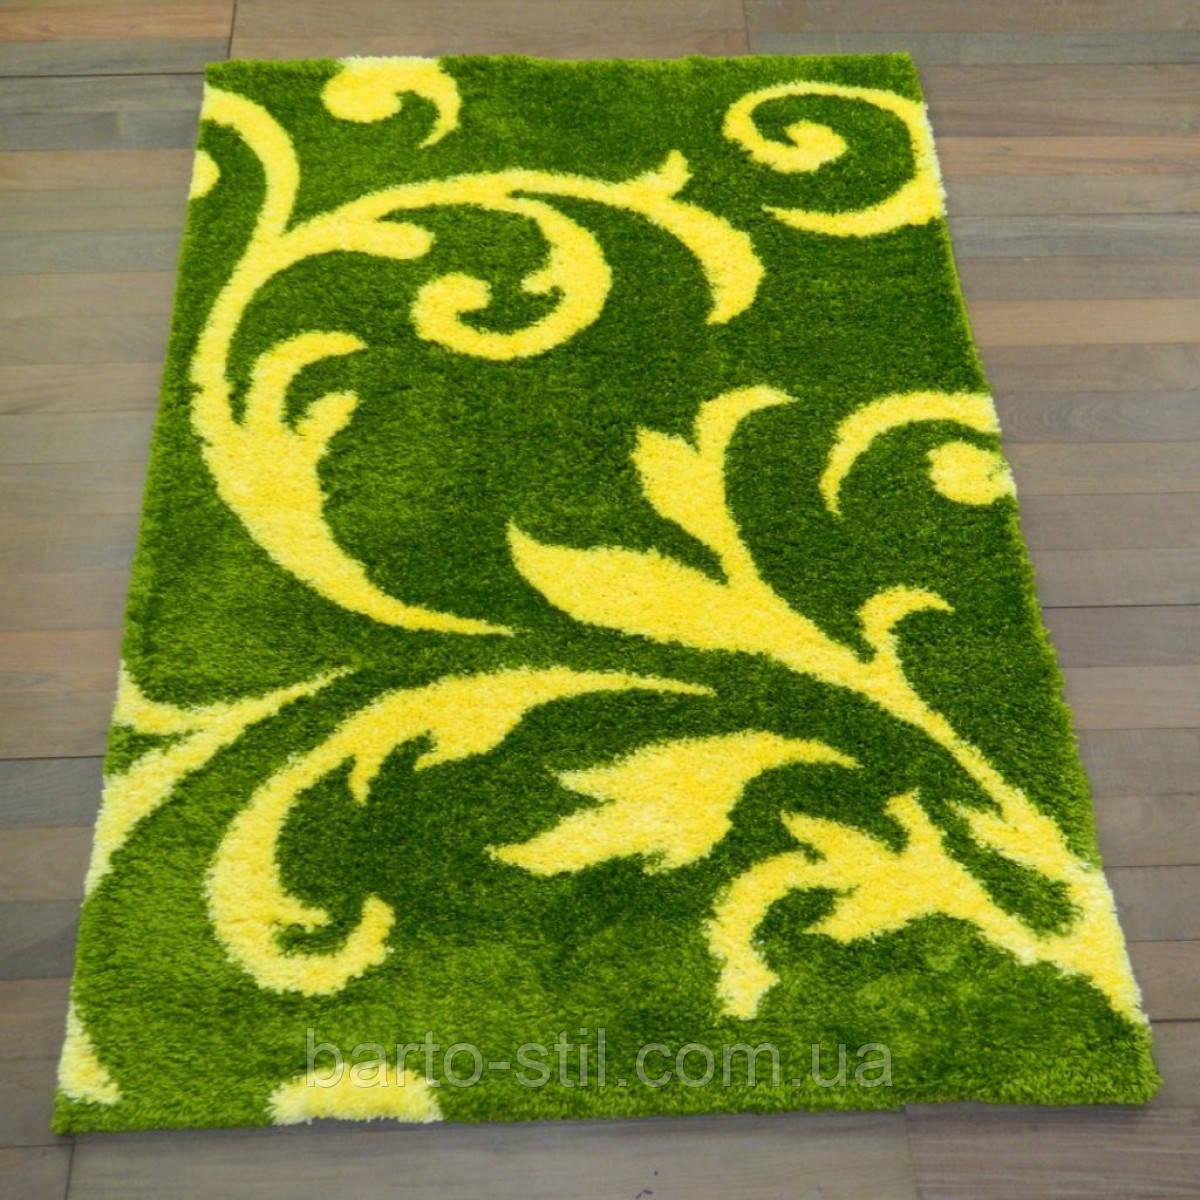 Коврик Fantasy зеленый с желтой веткой 2.00х3.00 м.